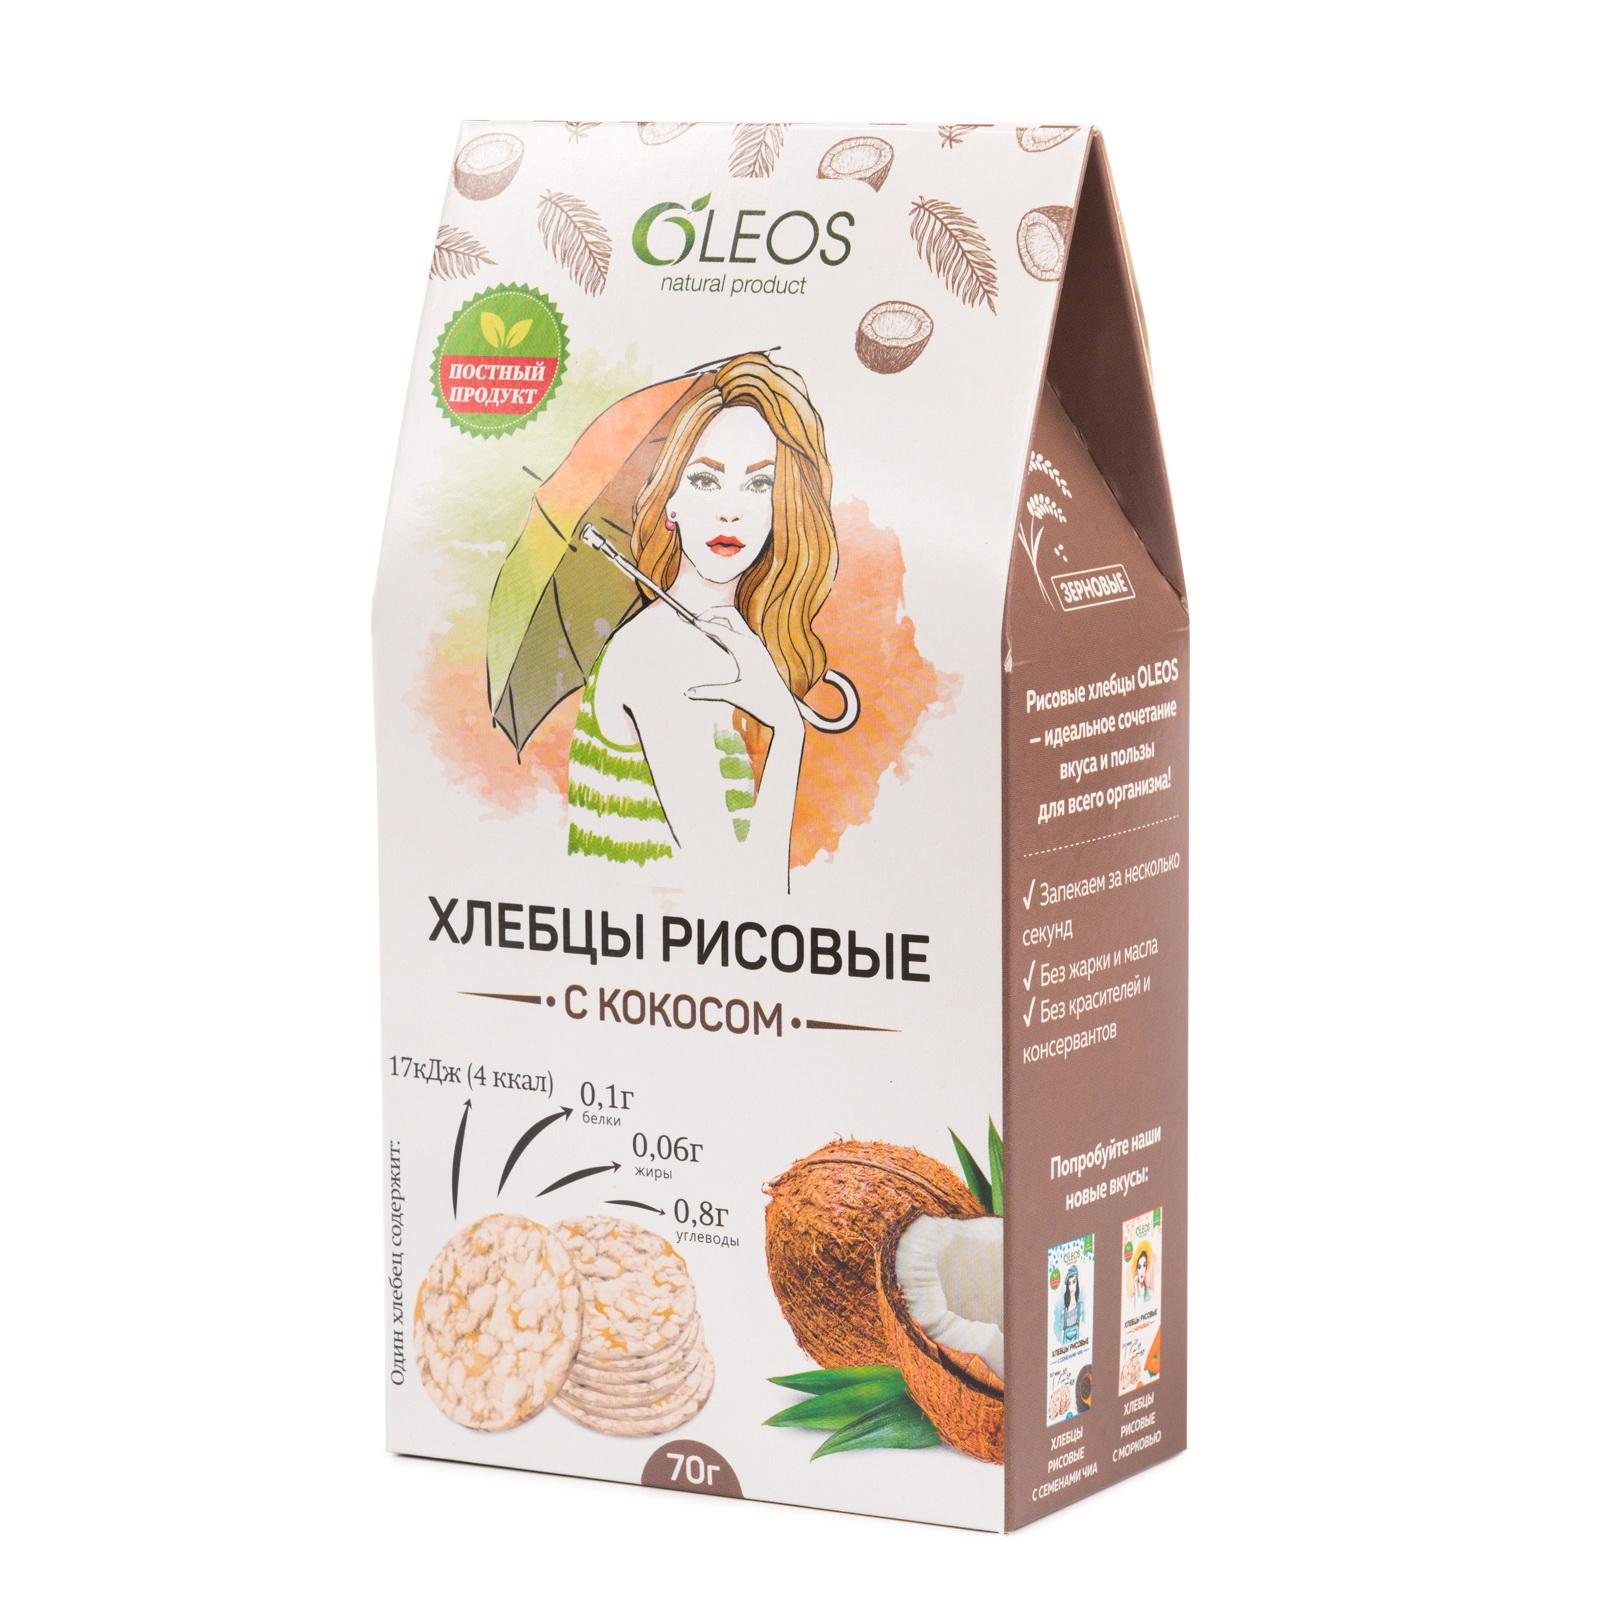 Рисовые хлебцы с кокосом 70 г (2)